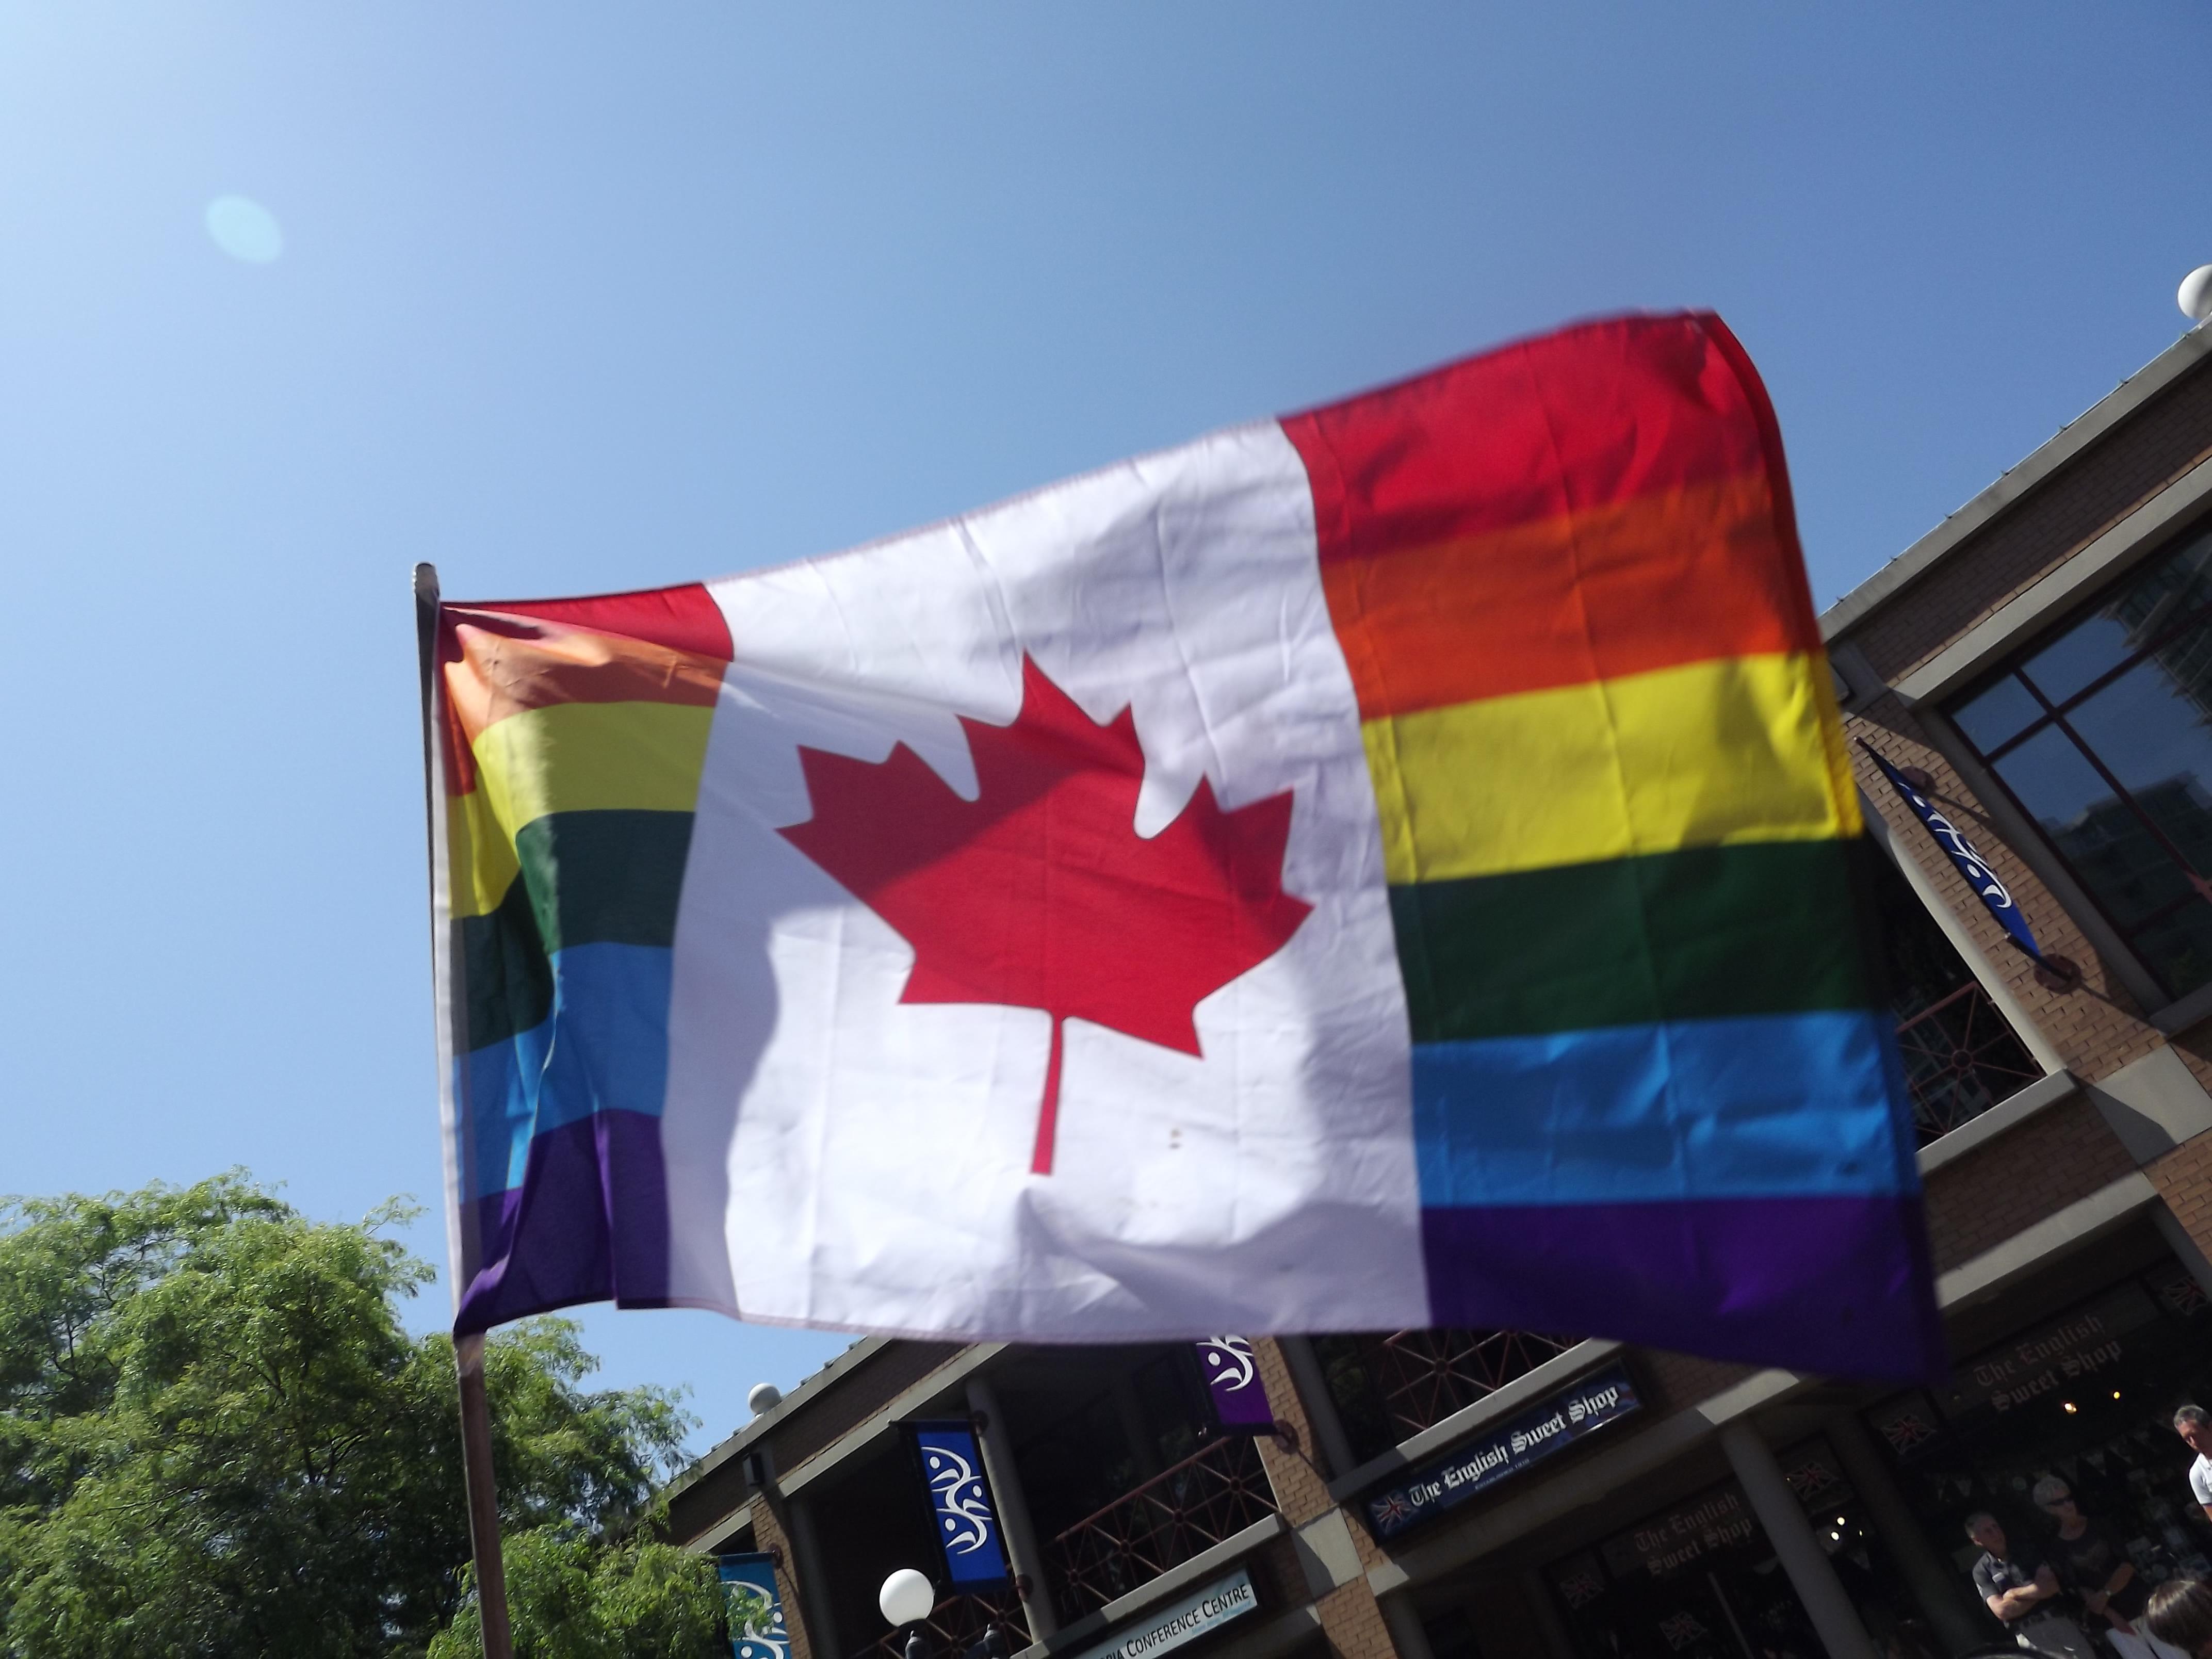 Imigração Canadense - O avanço dos direitos e a aceitação dos gays no Canadá Imigração Canadense - O avanço dos direitos e a aceitação dos gays no Canadá dscf3426